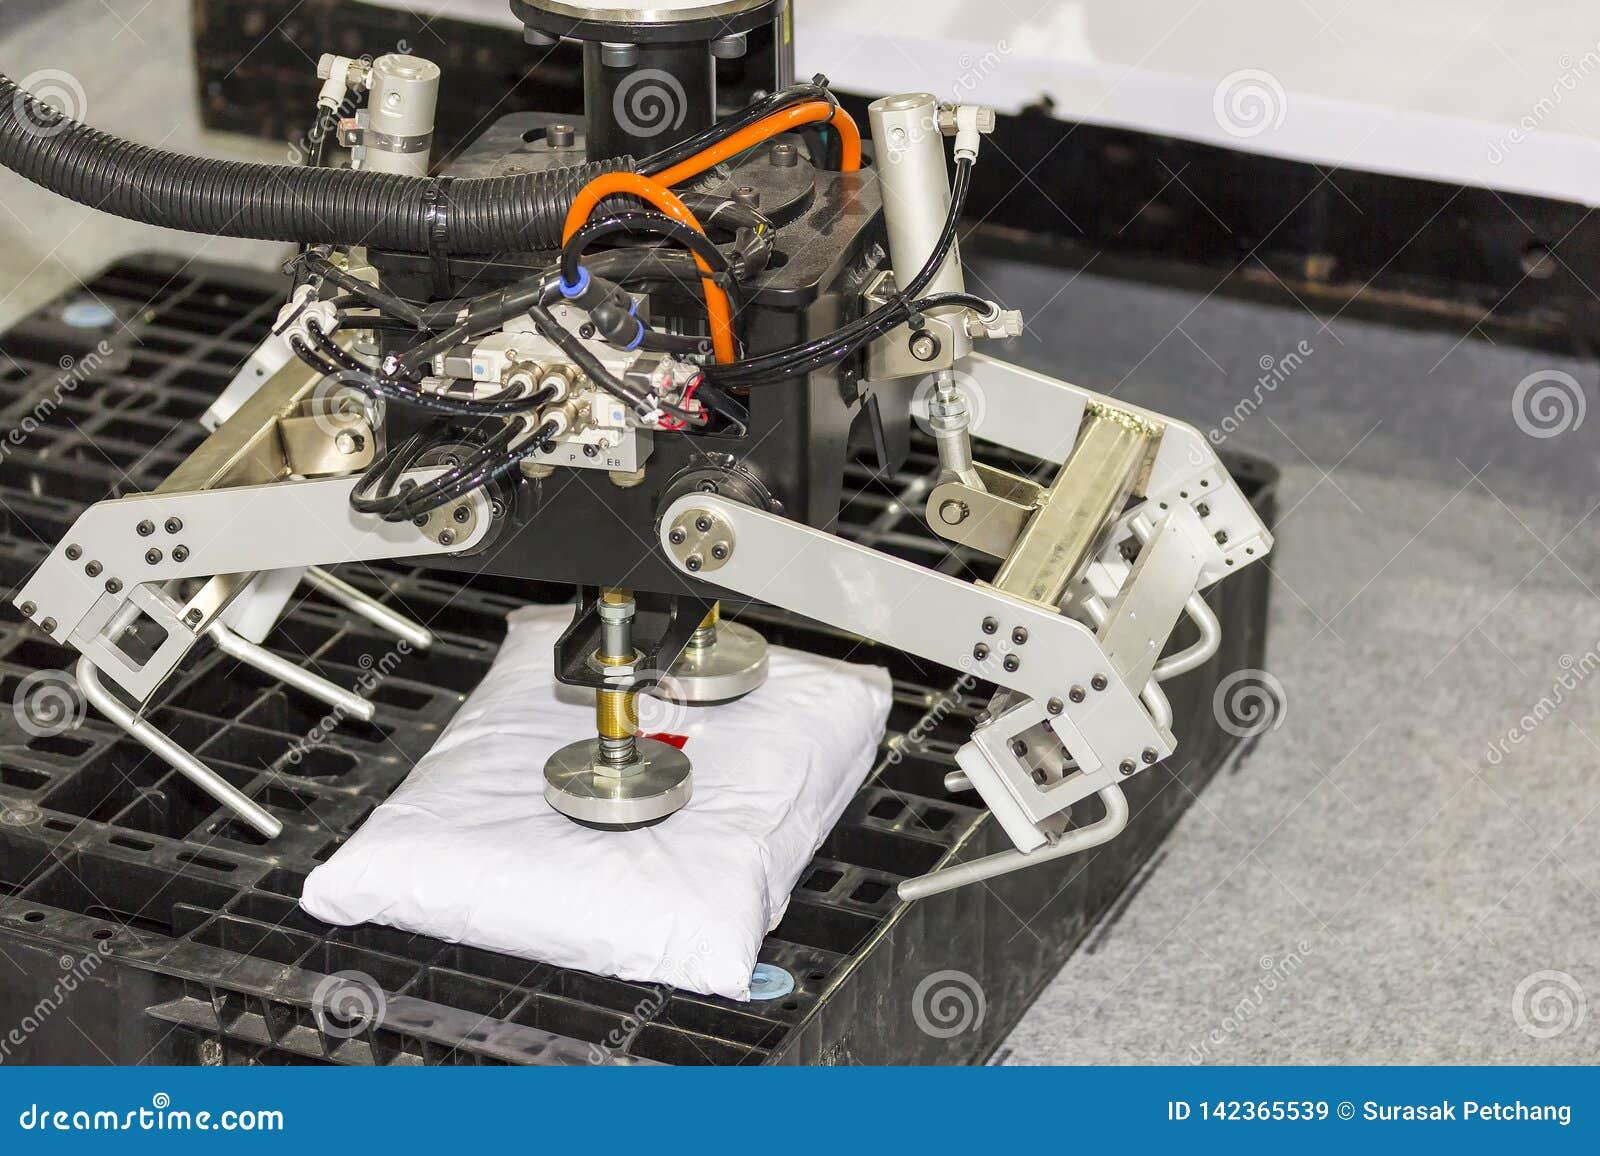 Το πιάσιμο ρομπότ υψηλής τεχνολογίας και ακρίβειας με το αυτόματο κενό για το τσιμέντο σύλληψης τοποθετεί σε σάκκο στην παλέτα στ